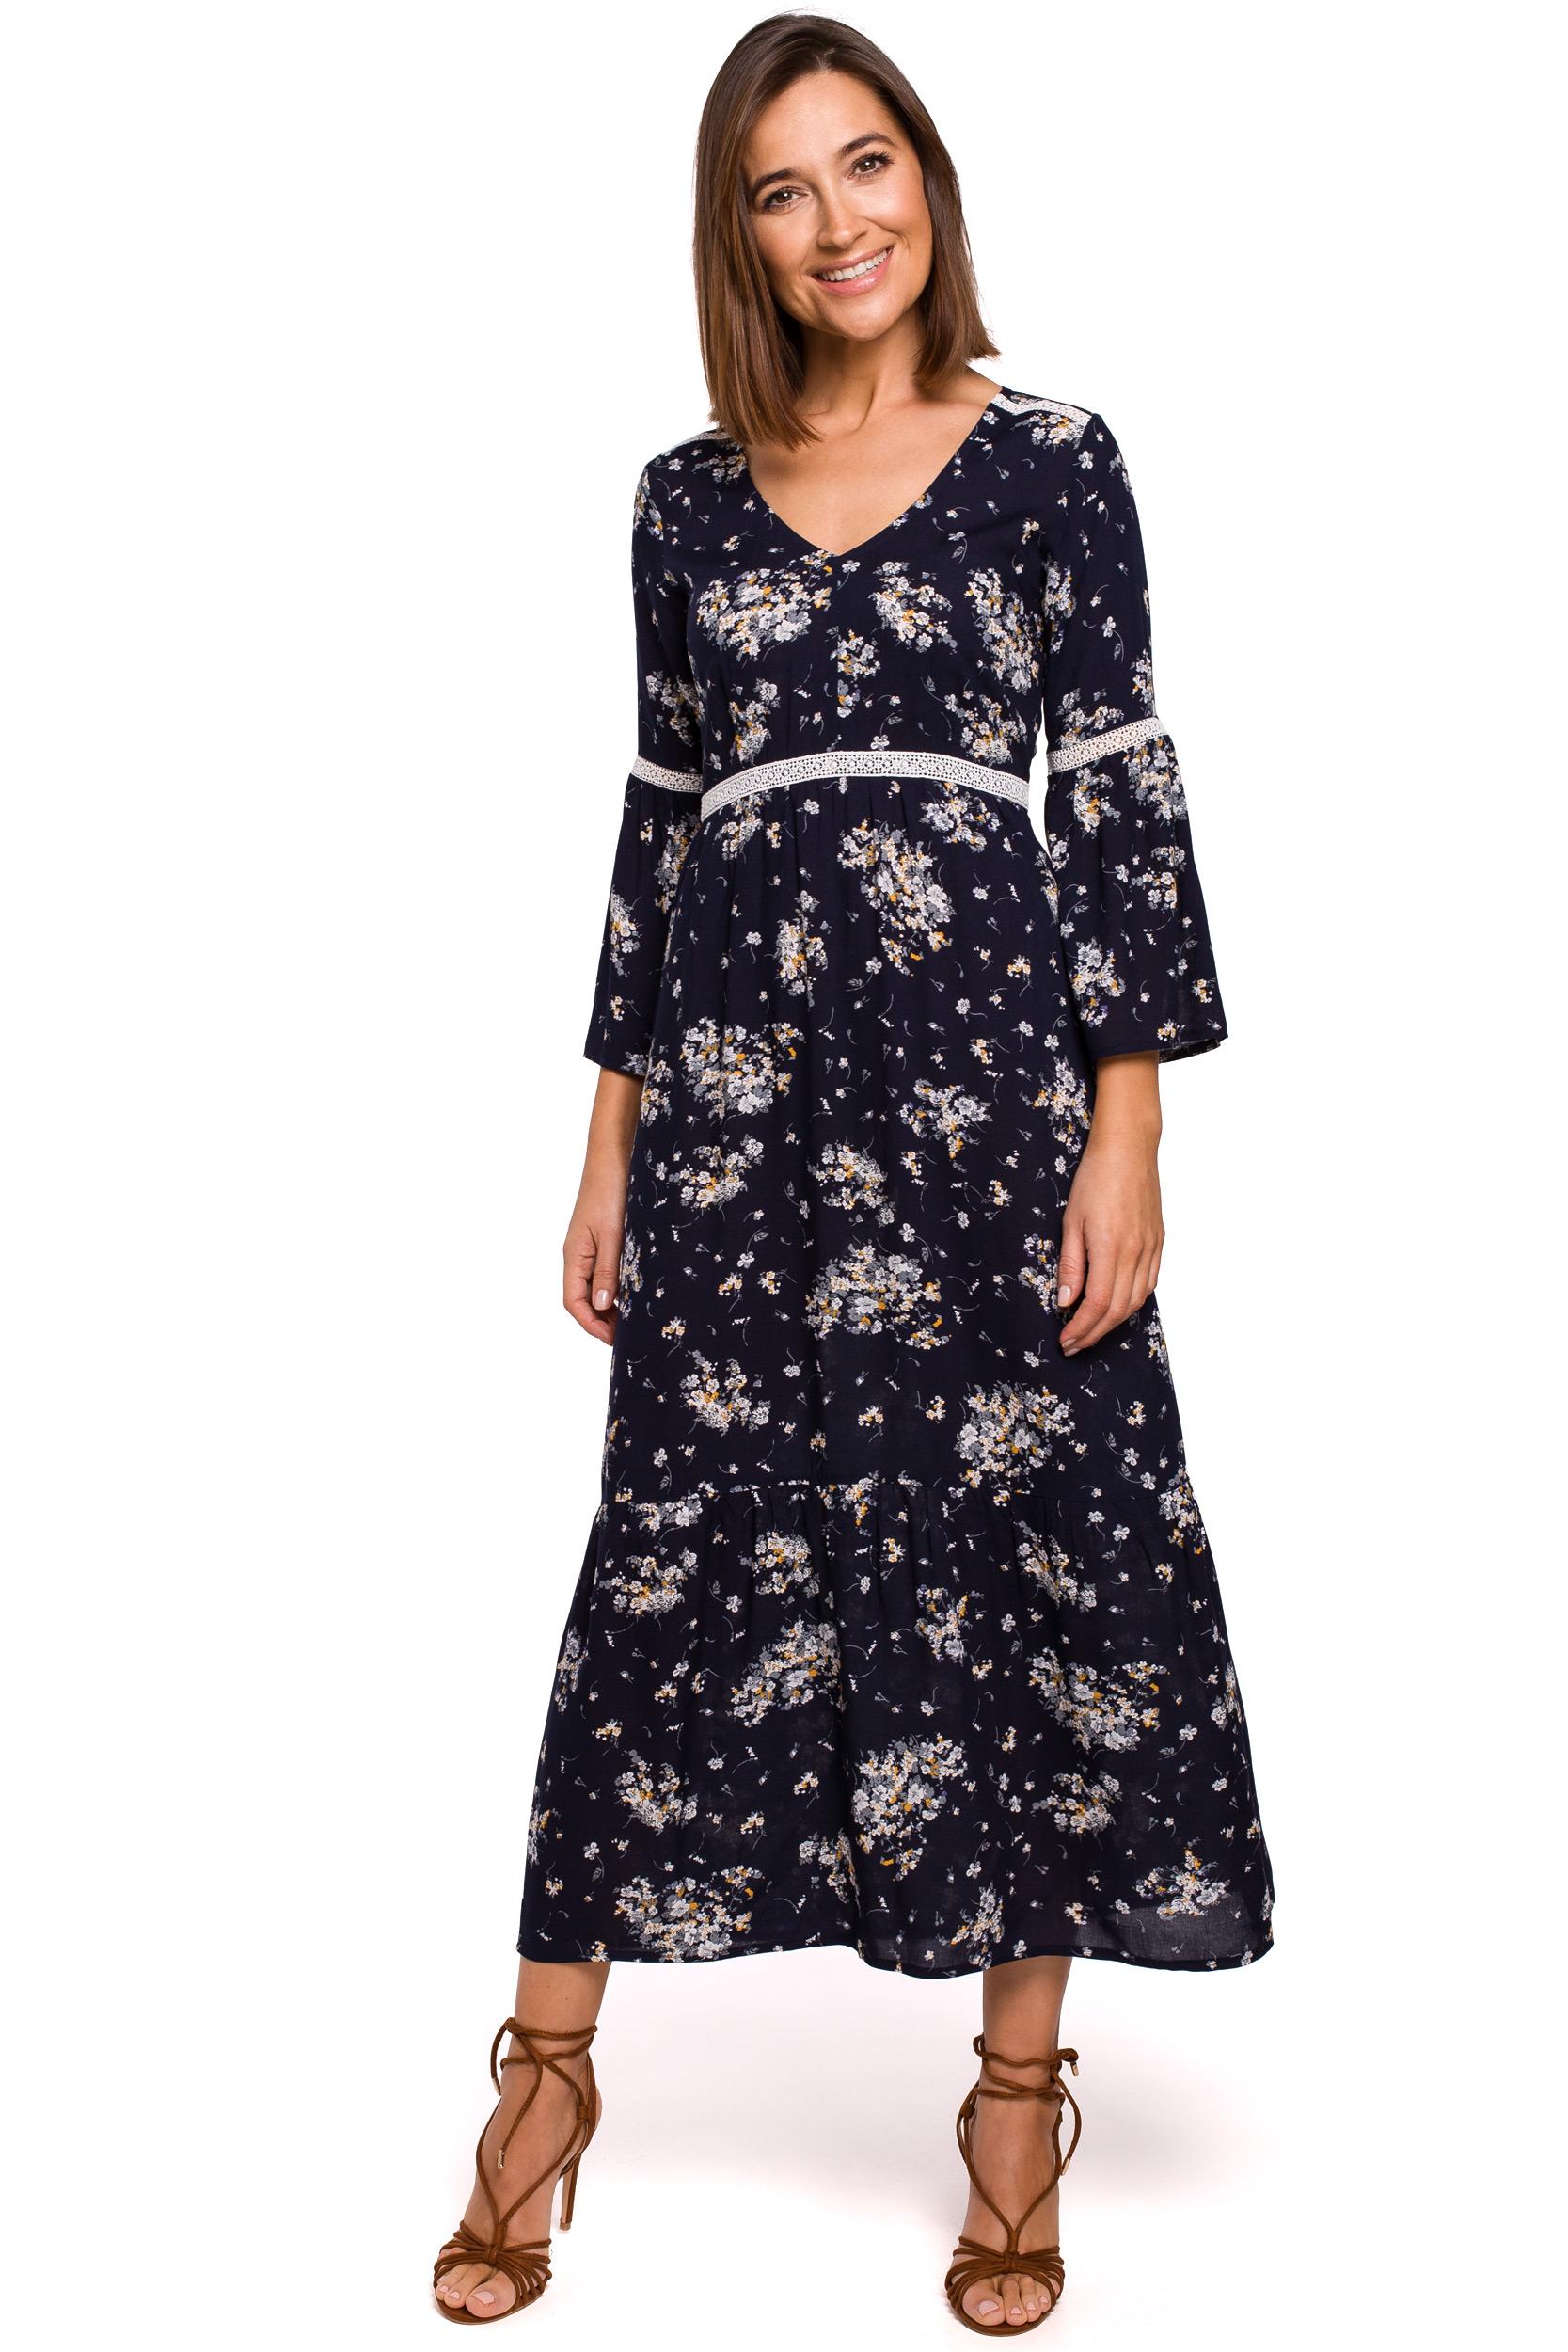 Blommig maxi-klänning med spets Svart